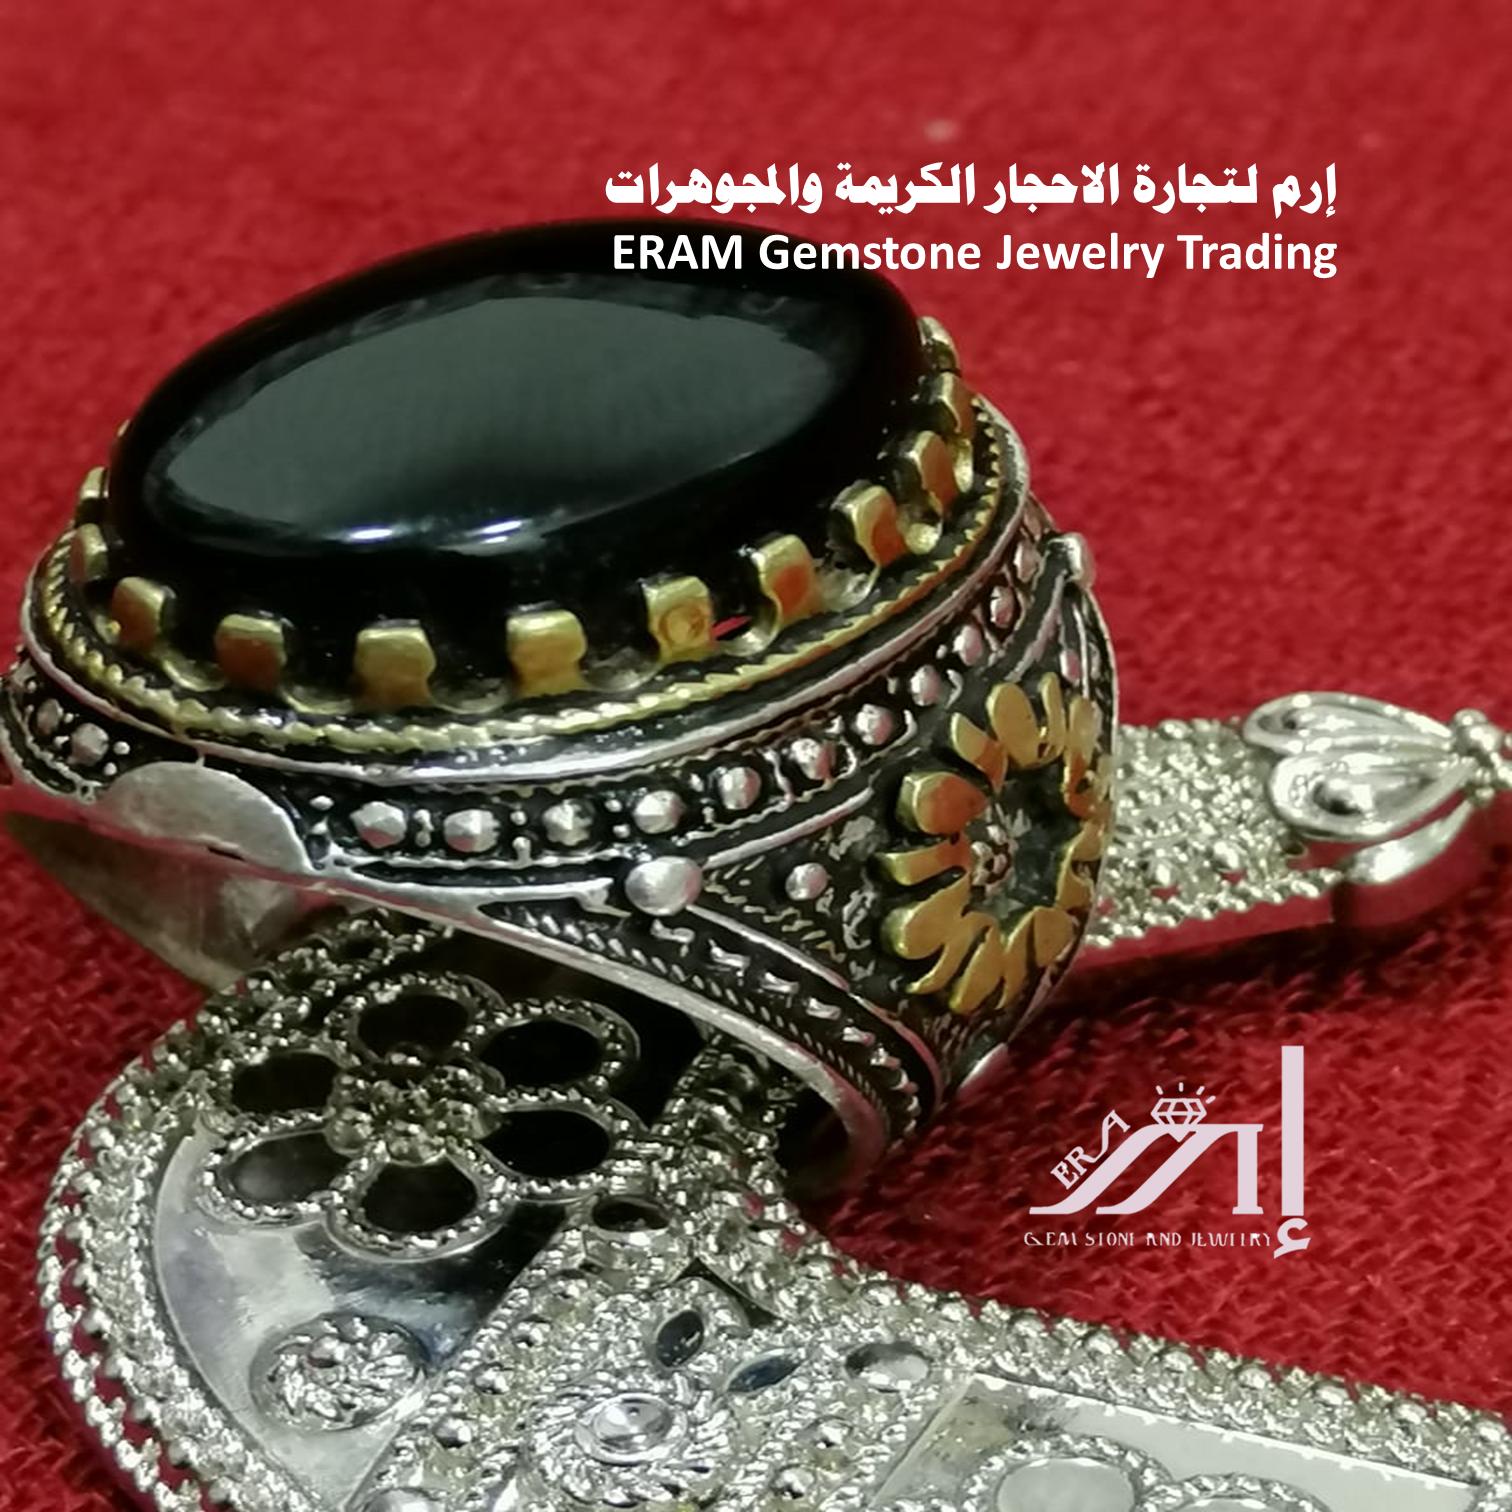 مجوهرات نادرة وبأسعار معقولة خاتم ملكي عقيق يمني شفة العبد طبيعي100 Agate للعرض Gemstone Jewelry Bracelet Watch Gemstones